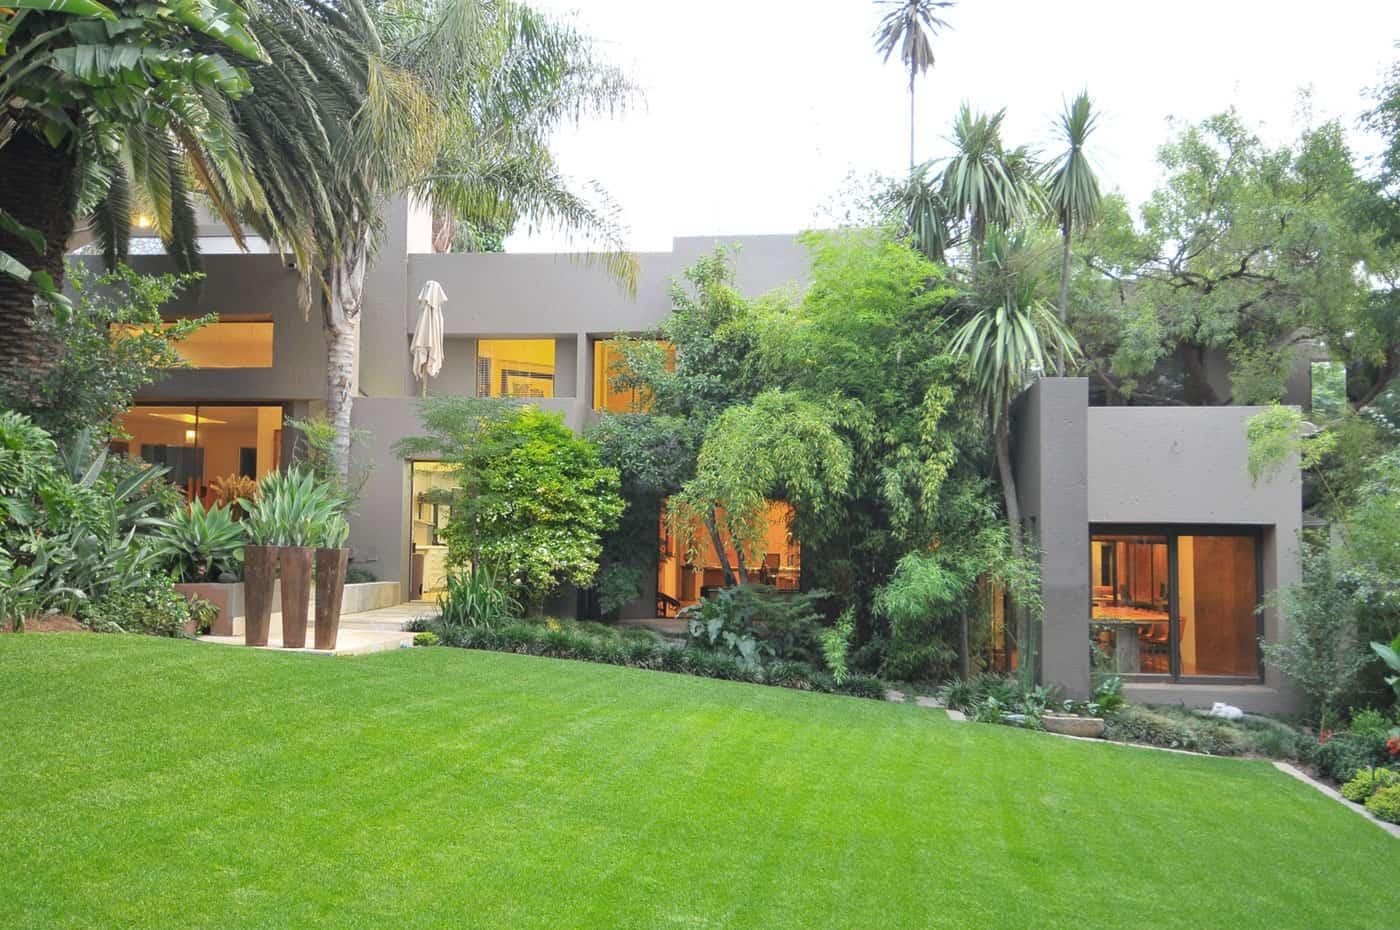 House in Ferndale by Nico van der Meulen (4)